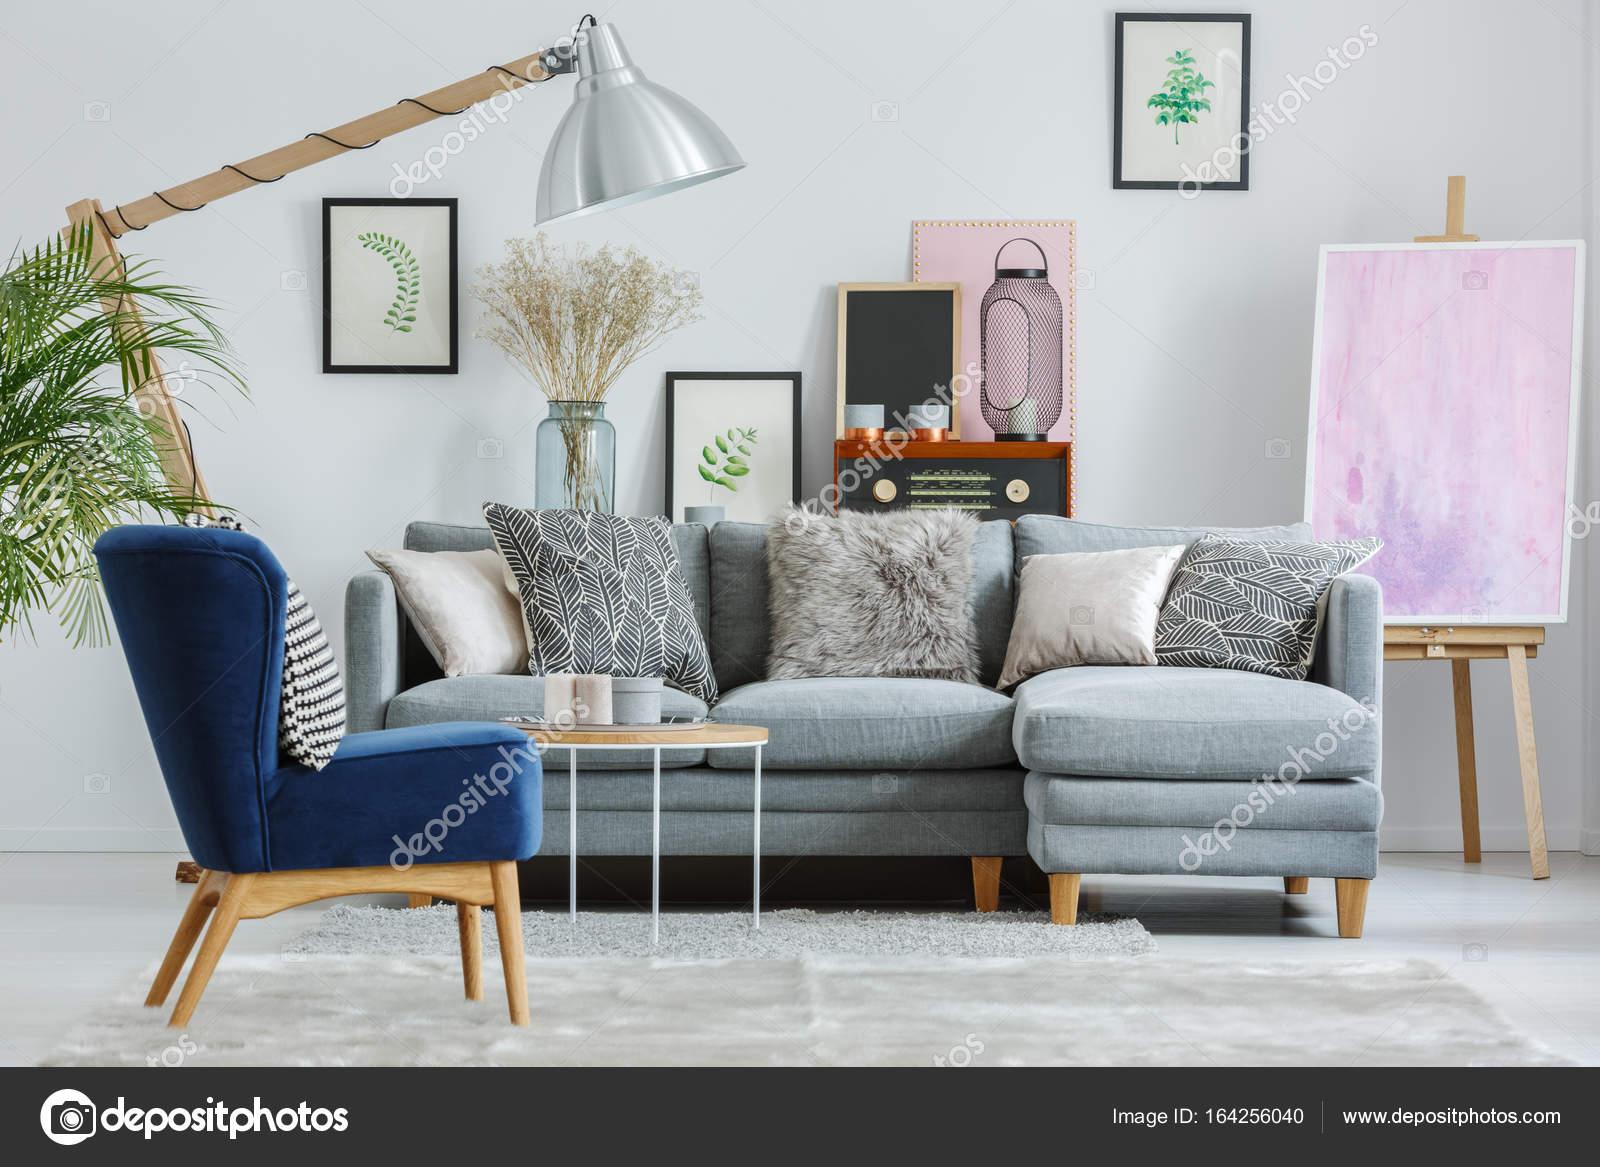 Auf Grau Gemusterte Kissen Couch Set Im Wohnzimmer Mit Vintage Möbeln Und  Rosa Anstrich Auf Staffelei U2014 Foto Von Photographee.eu